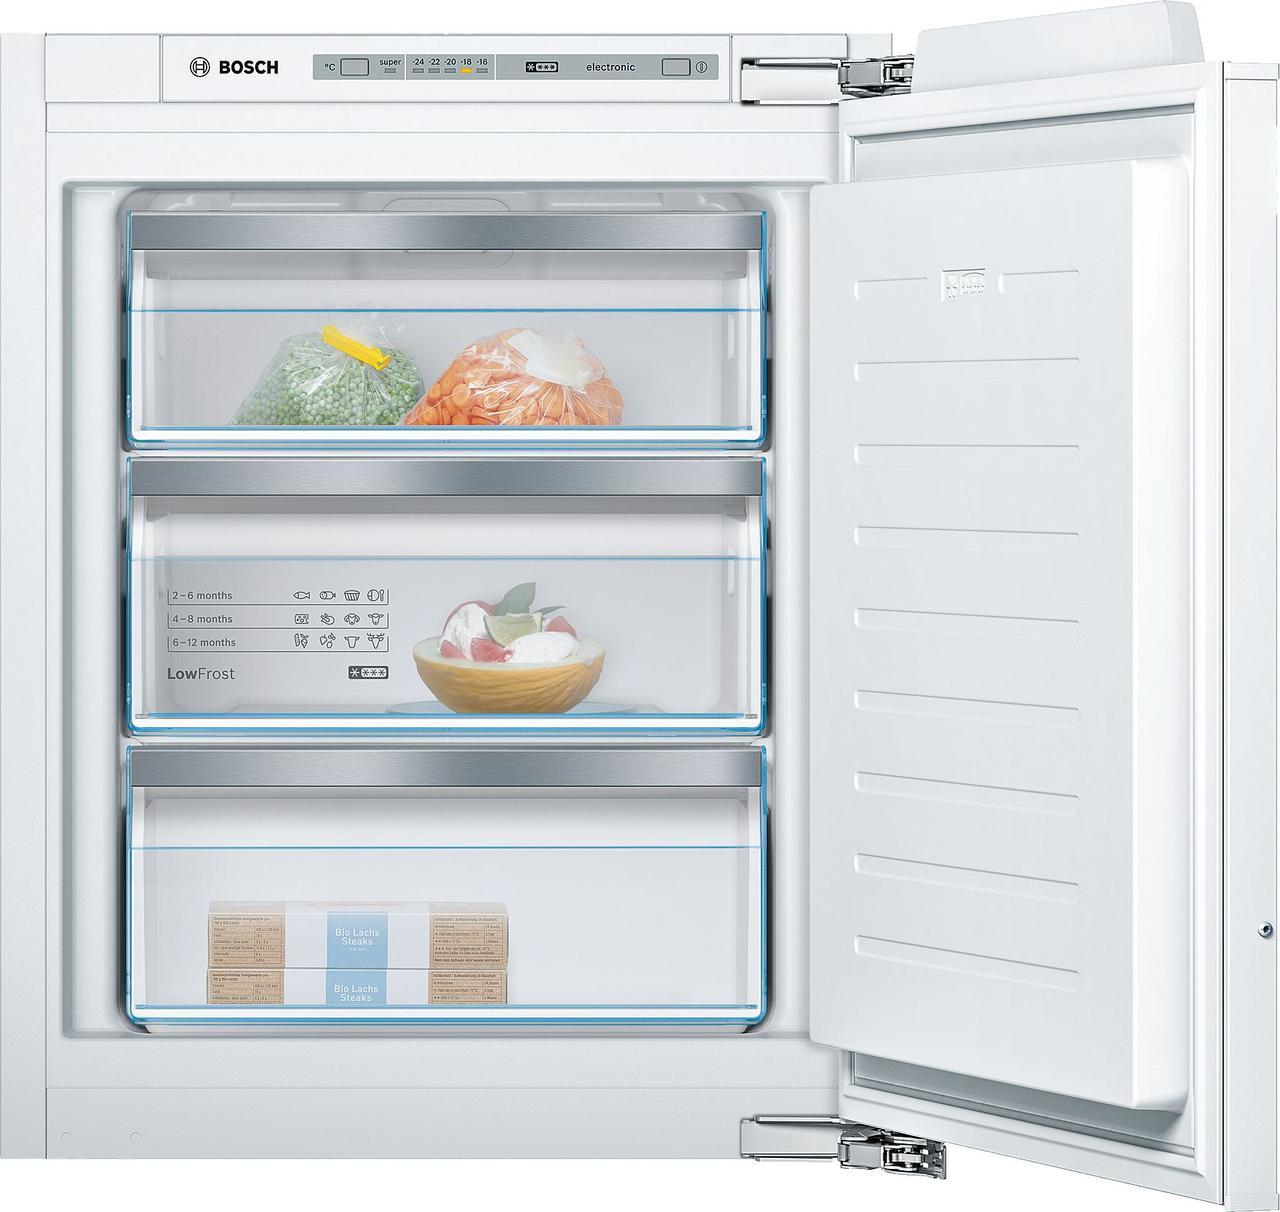 Serie | 6 Встраиваемый морозильник Bosch 71.2 x 55.8 cm GIV 11AF 20R